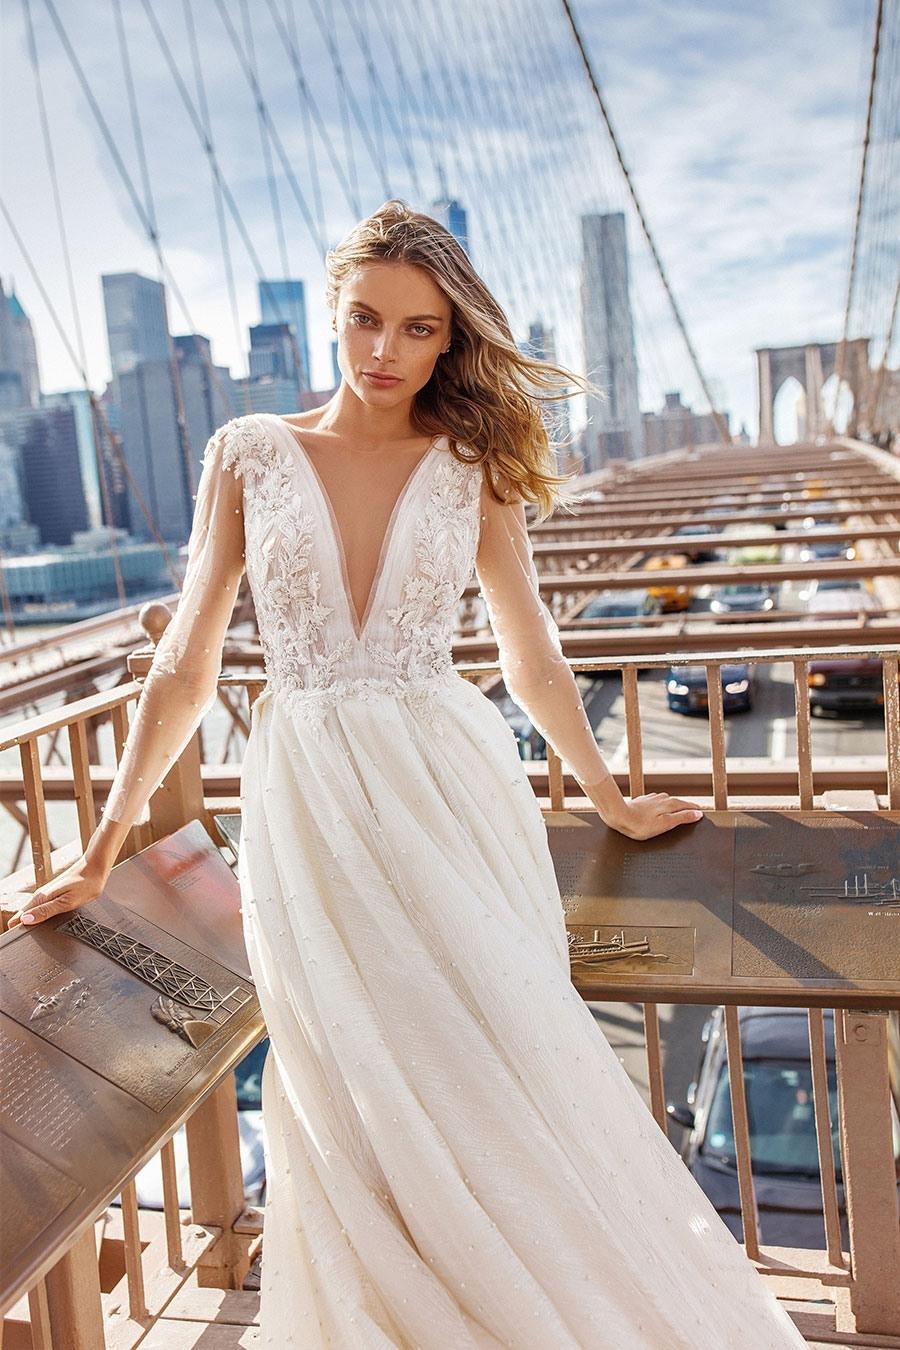 20 Leicht Brautmode Brautkleid DesignDesigner Coolste Brautmode Brautkleid Spezialgebiet